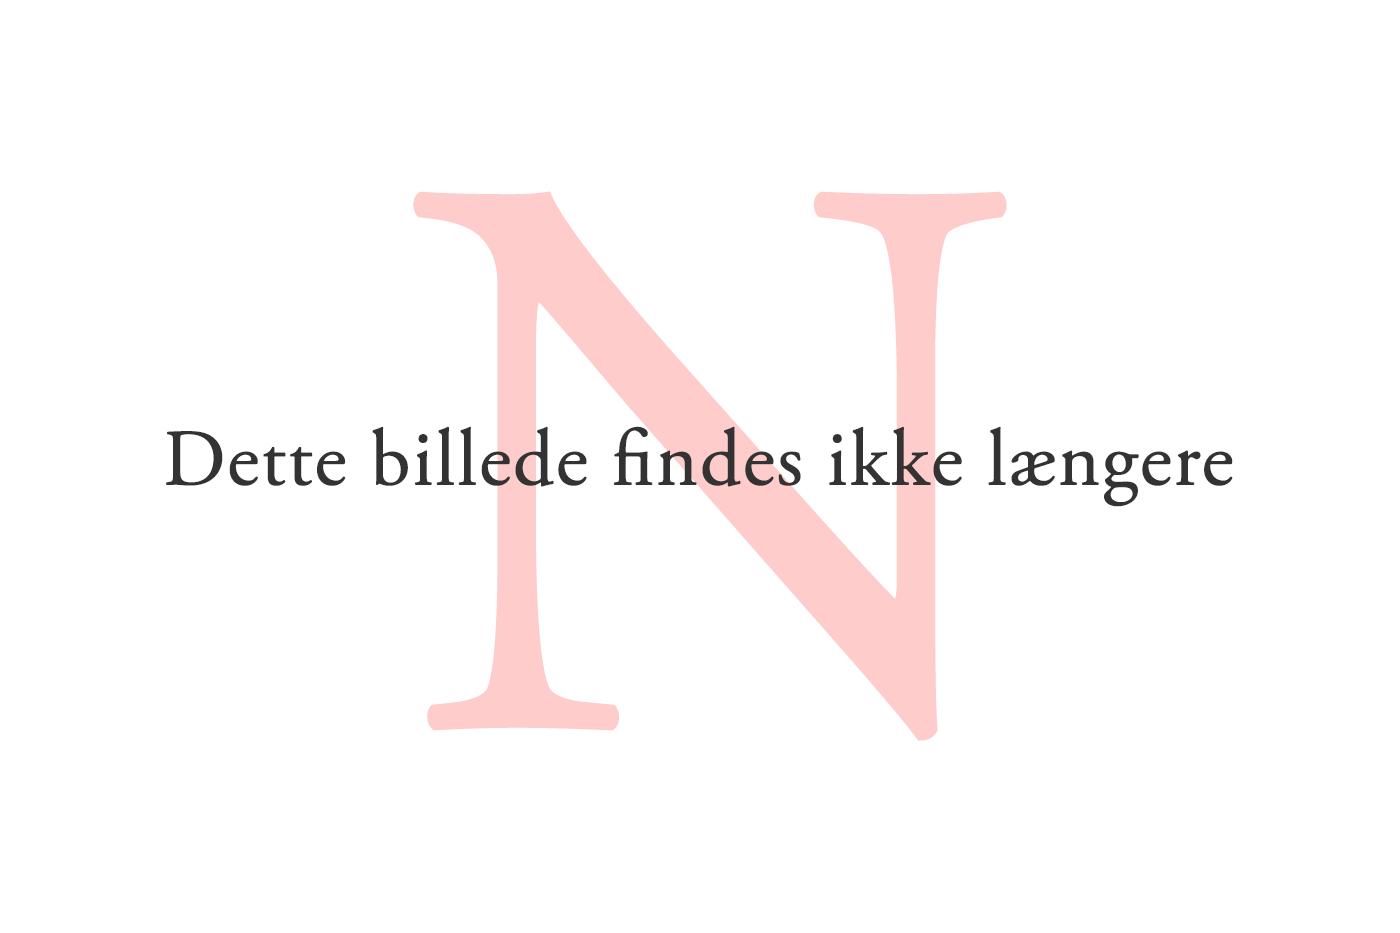 Stress og ensomhed blandt de københavnske gymnasieelever